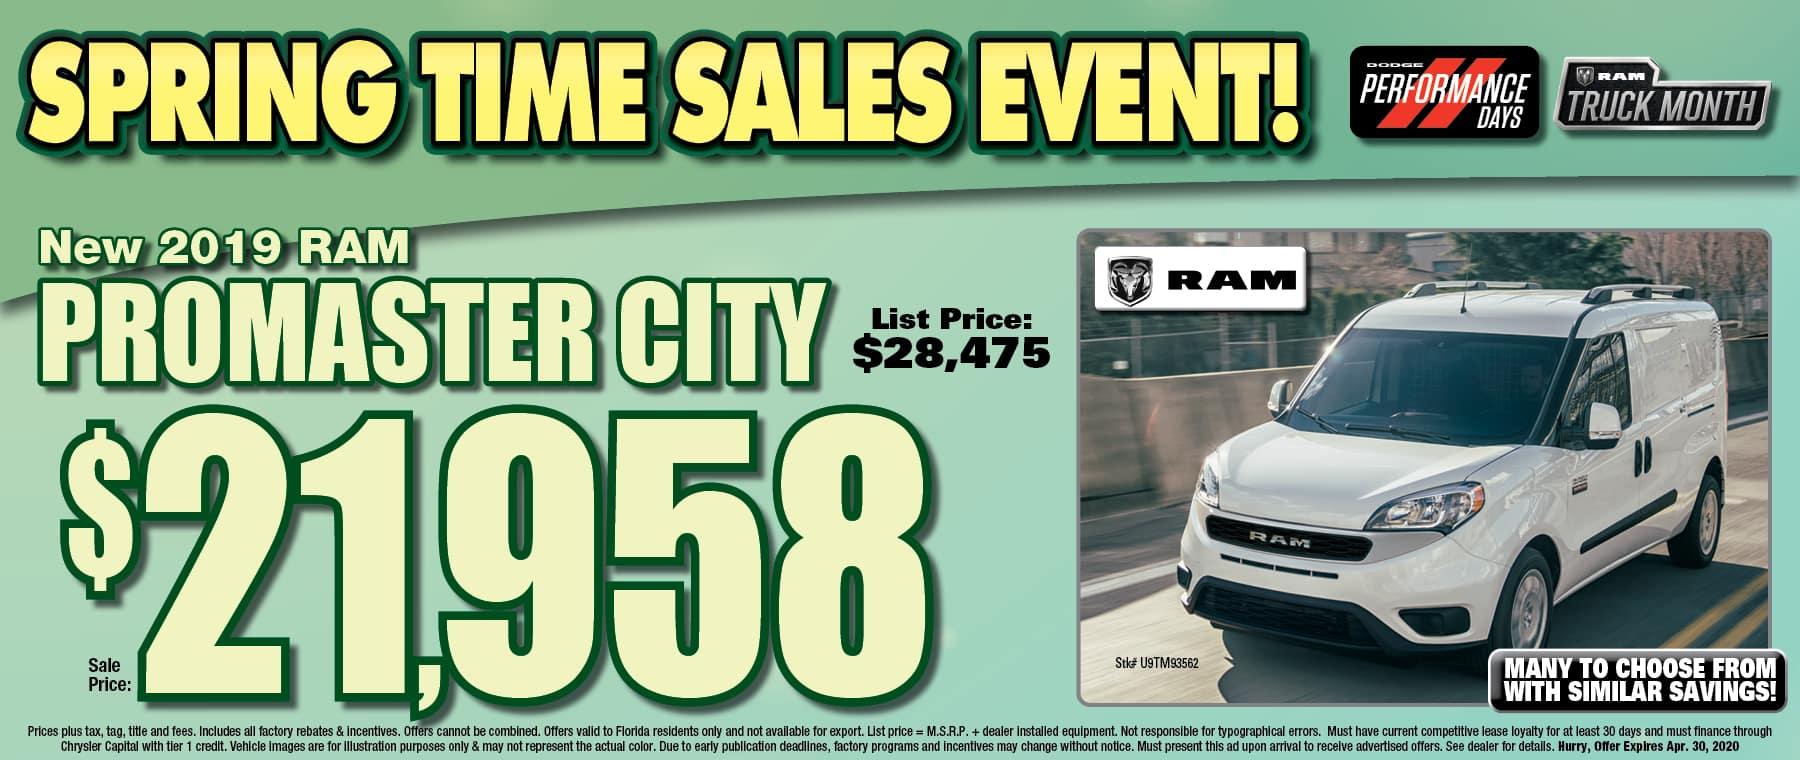 Ram Promaster City!